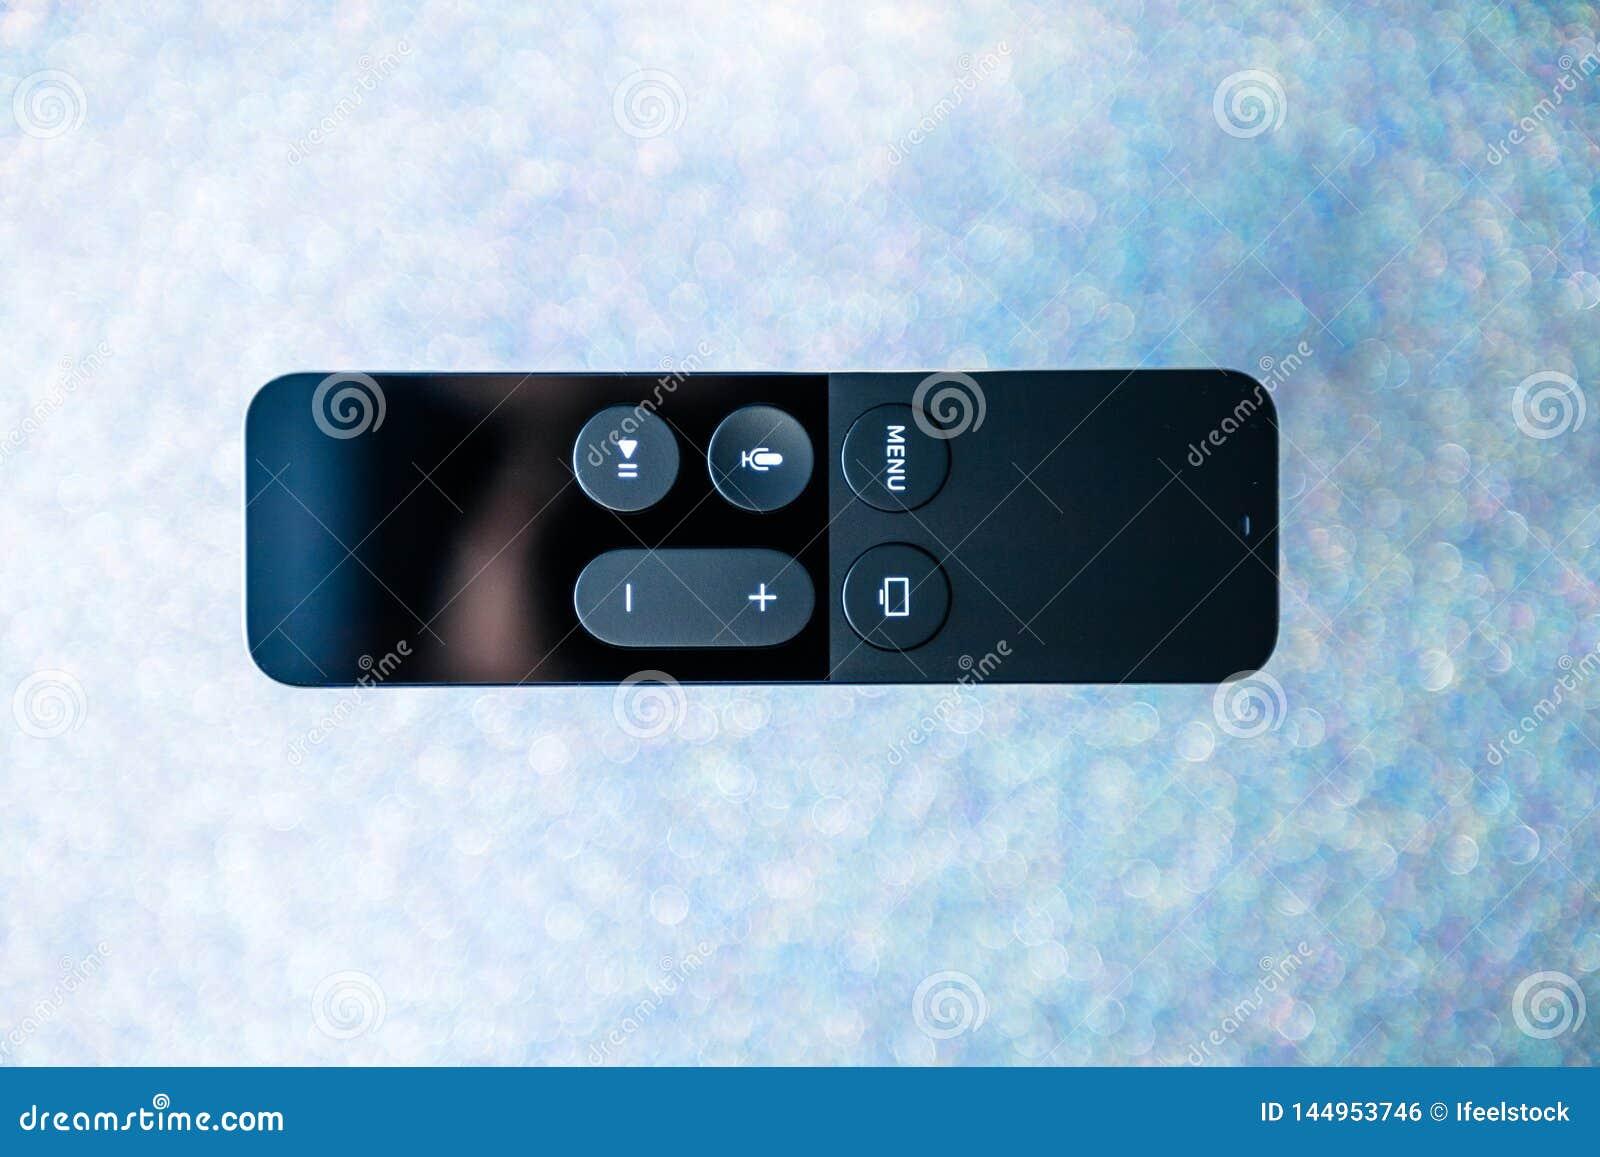 How To Use Apple Tv 4k Remote Control Apple TV Remoteunuz